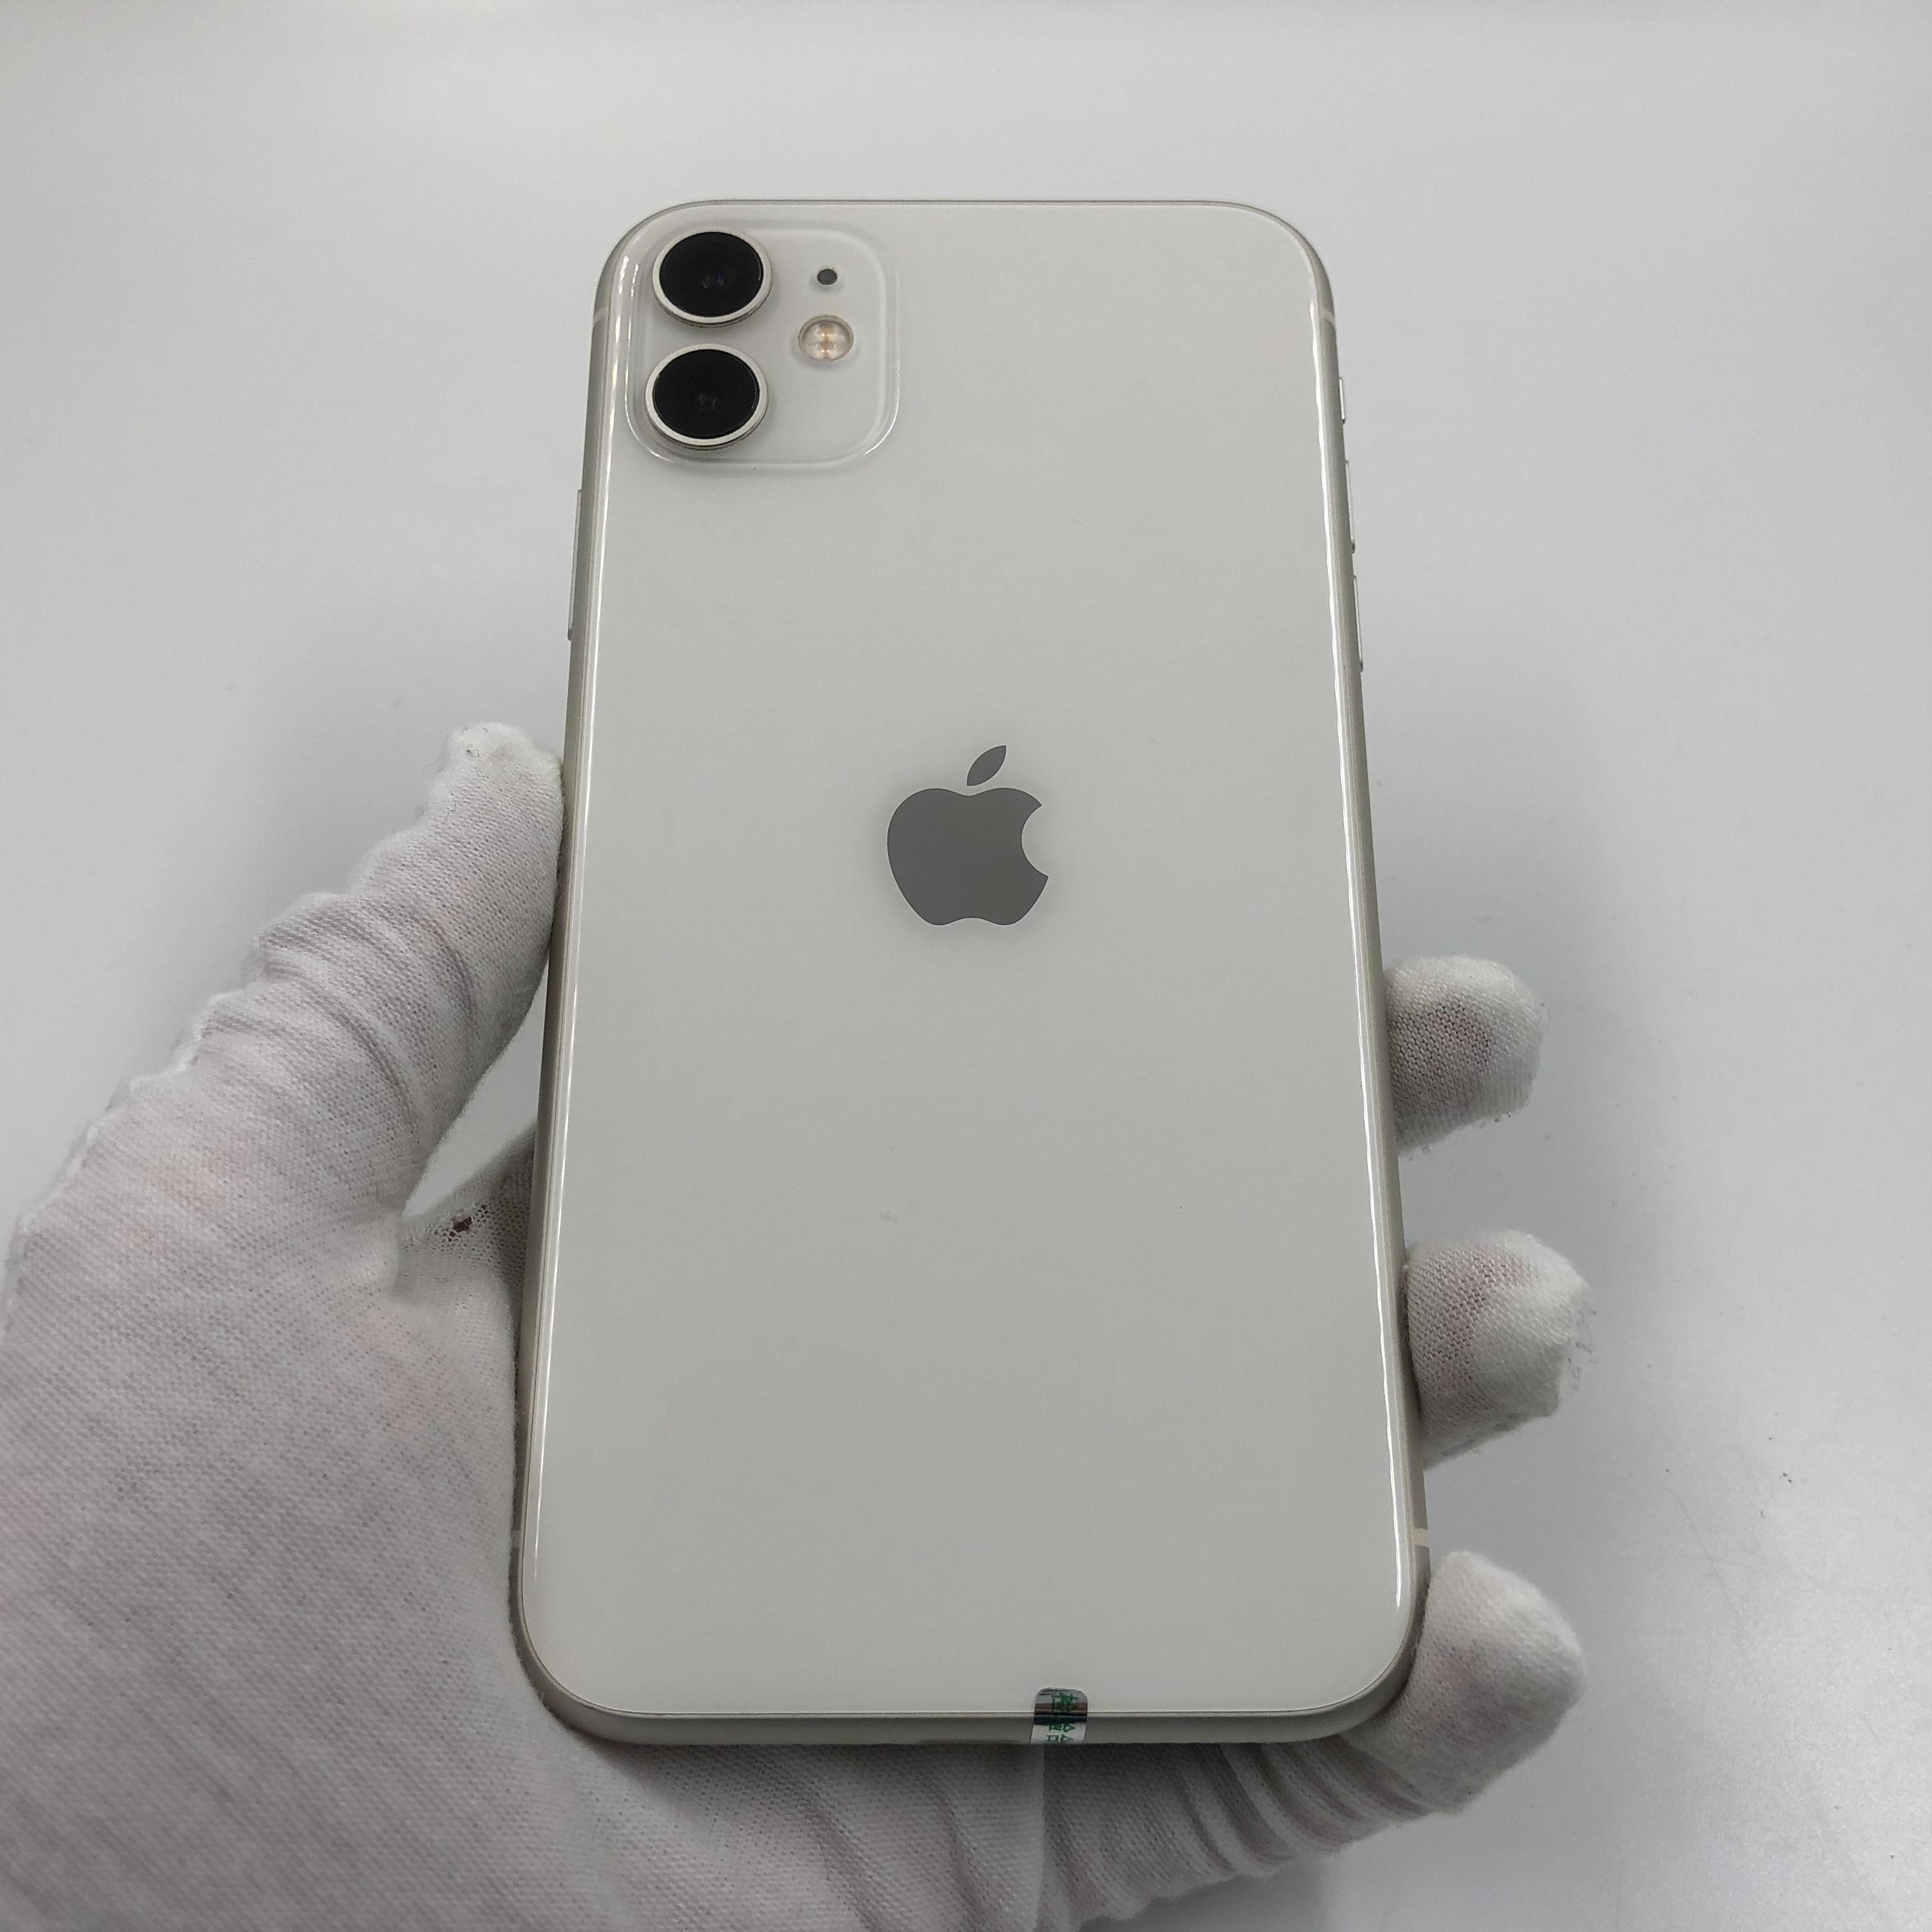 苹果【iPhone 11】4G全网通 白色 256G 国行 95新 真机实拍